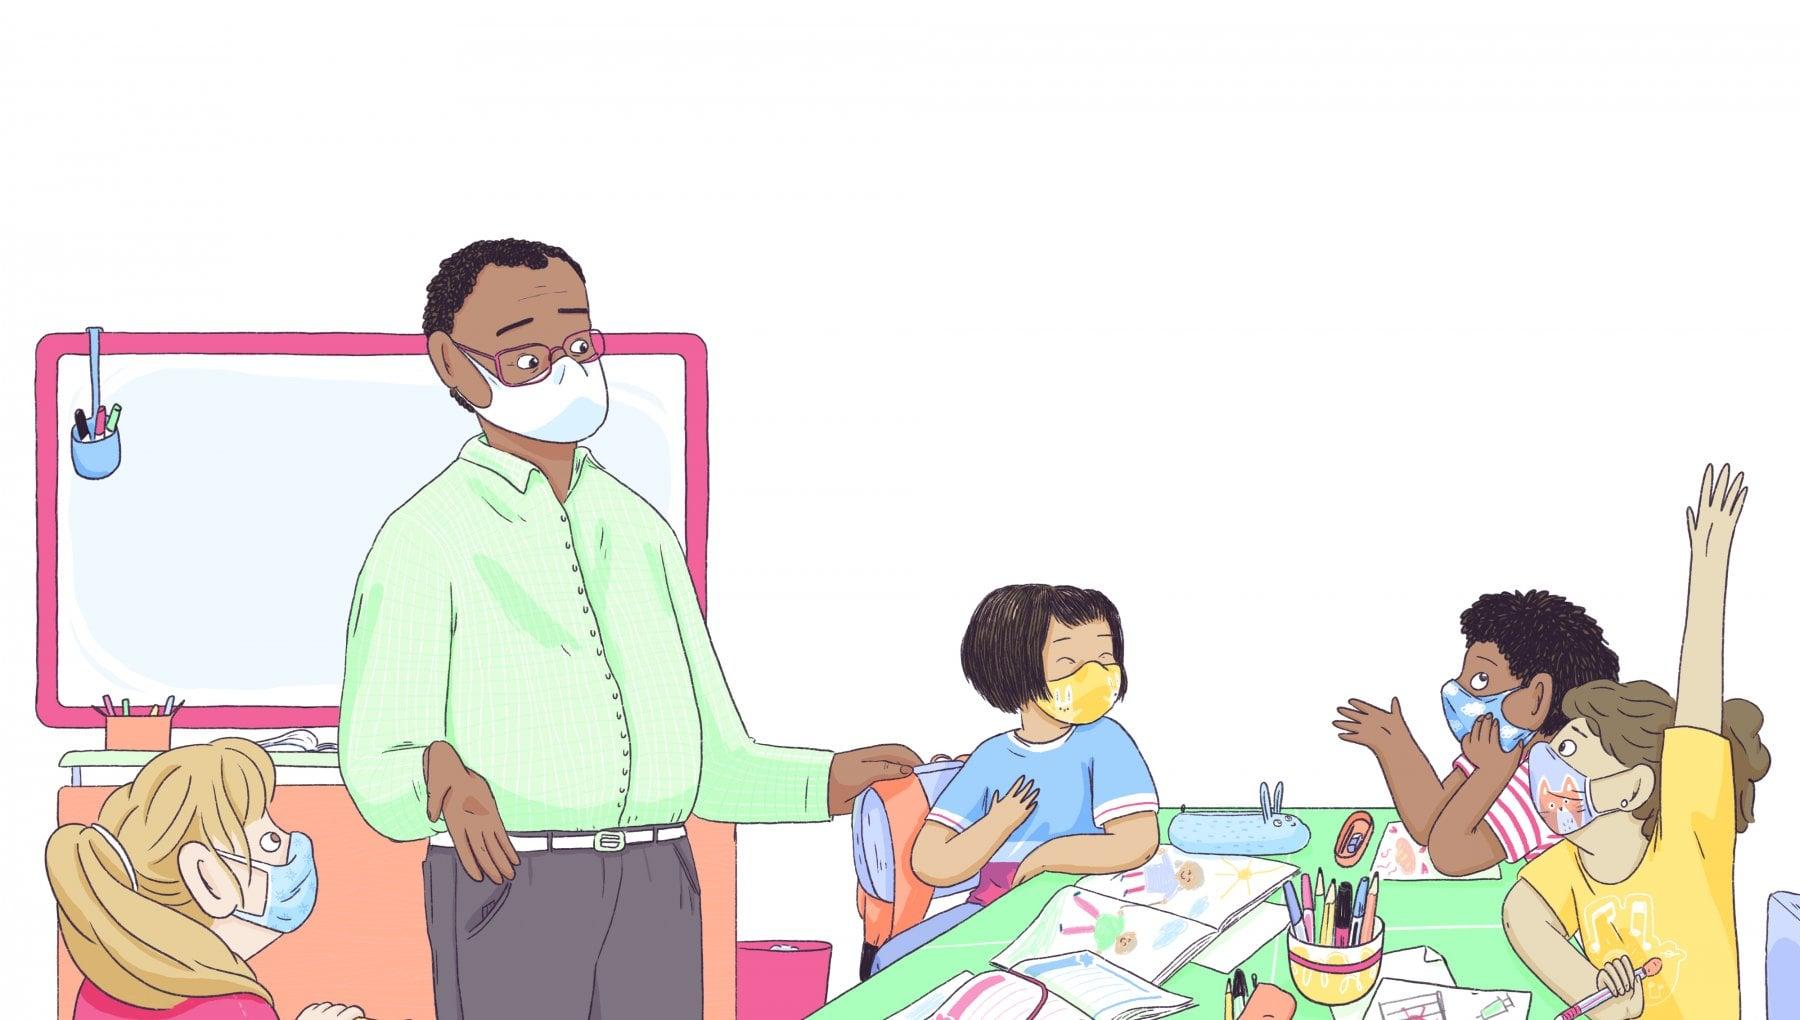 La mia favola sul dottor Li protegge i piccoli dal negazionismo